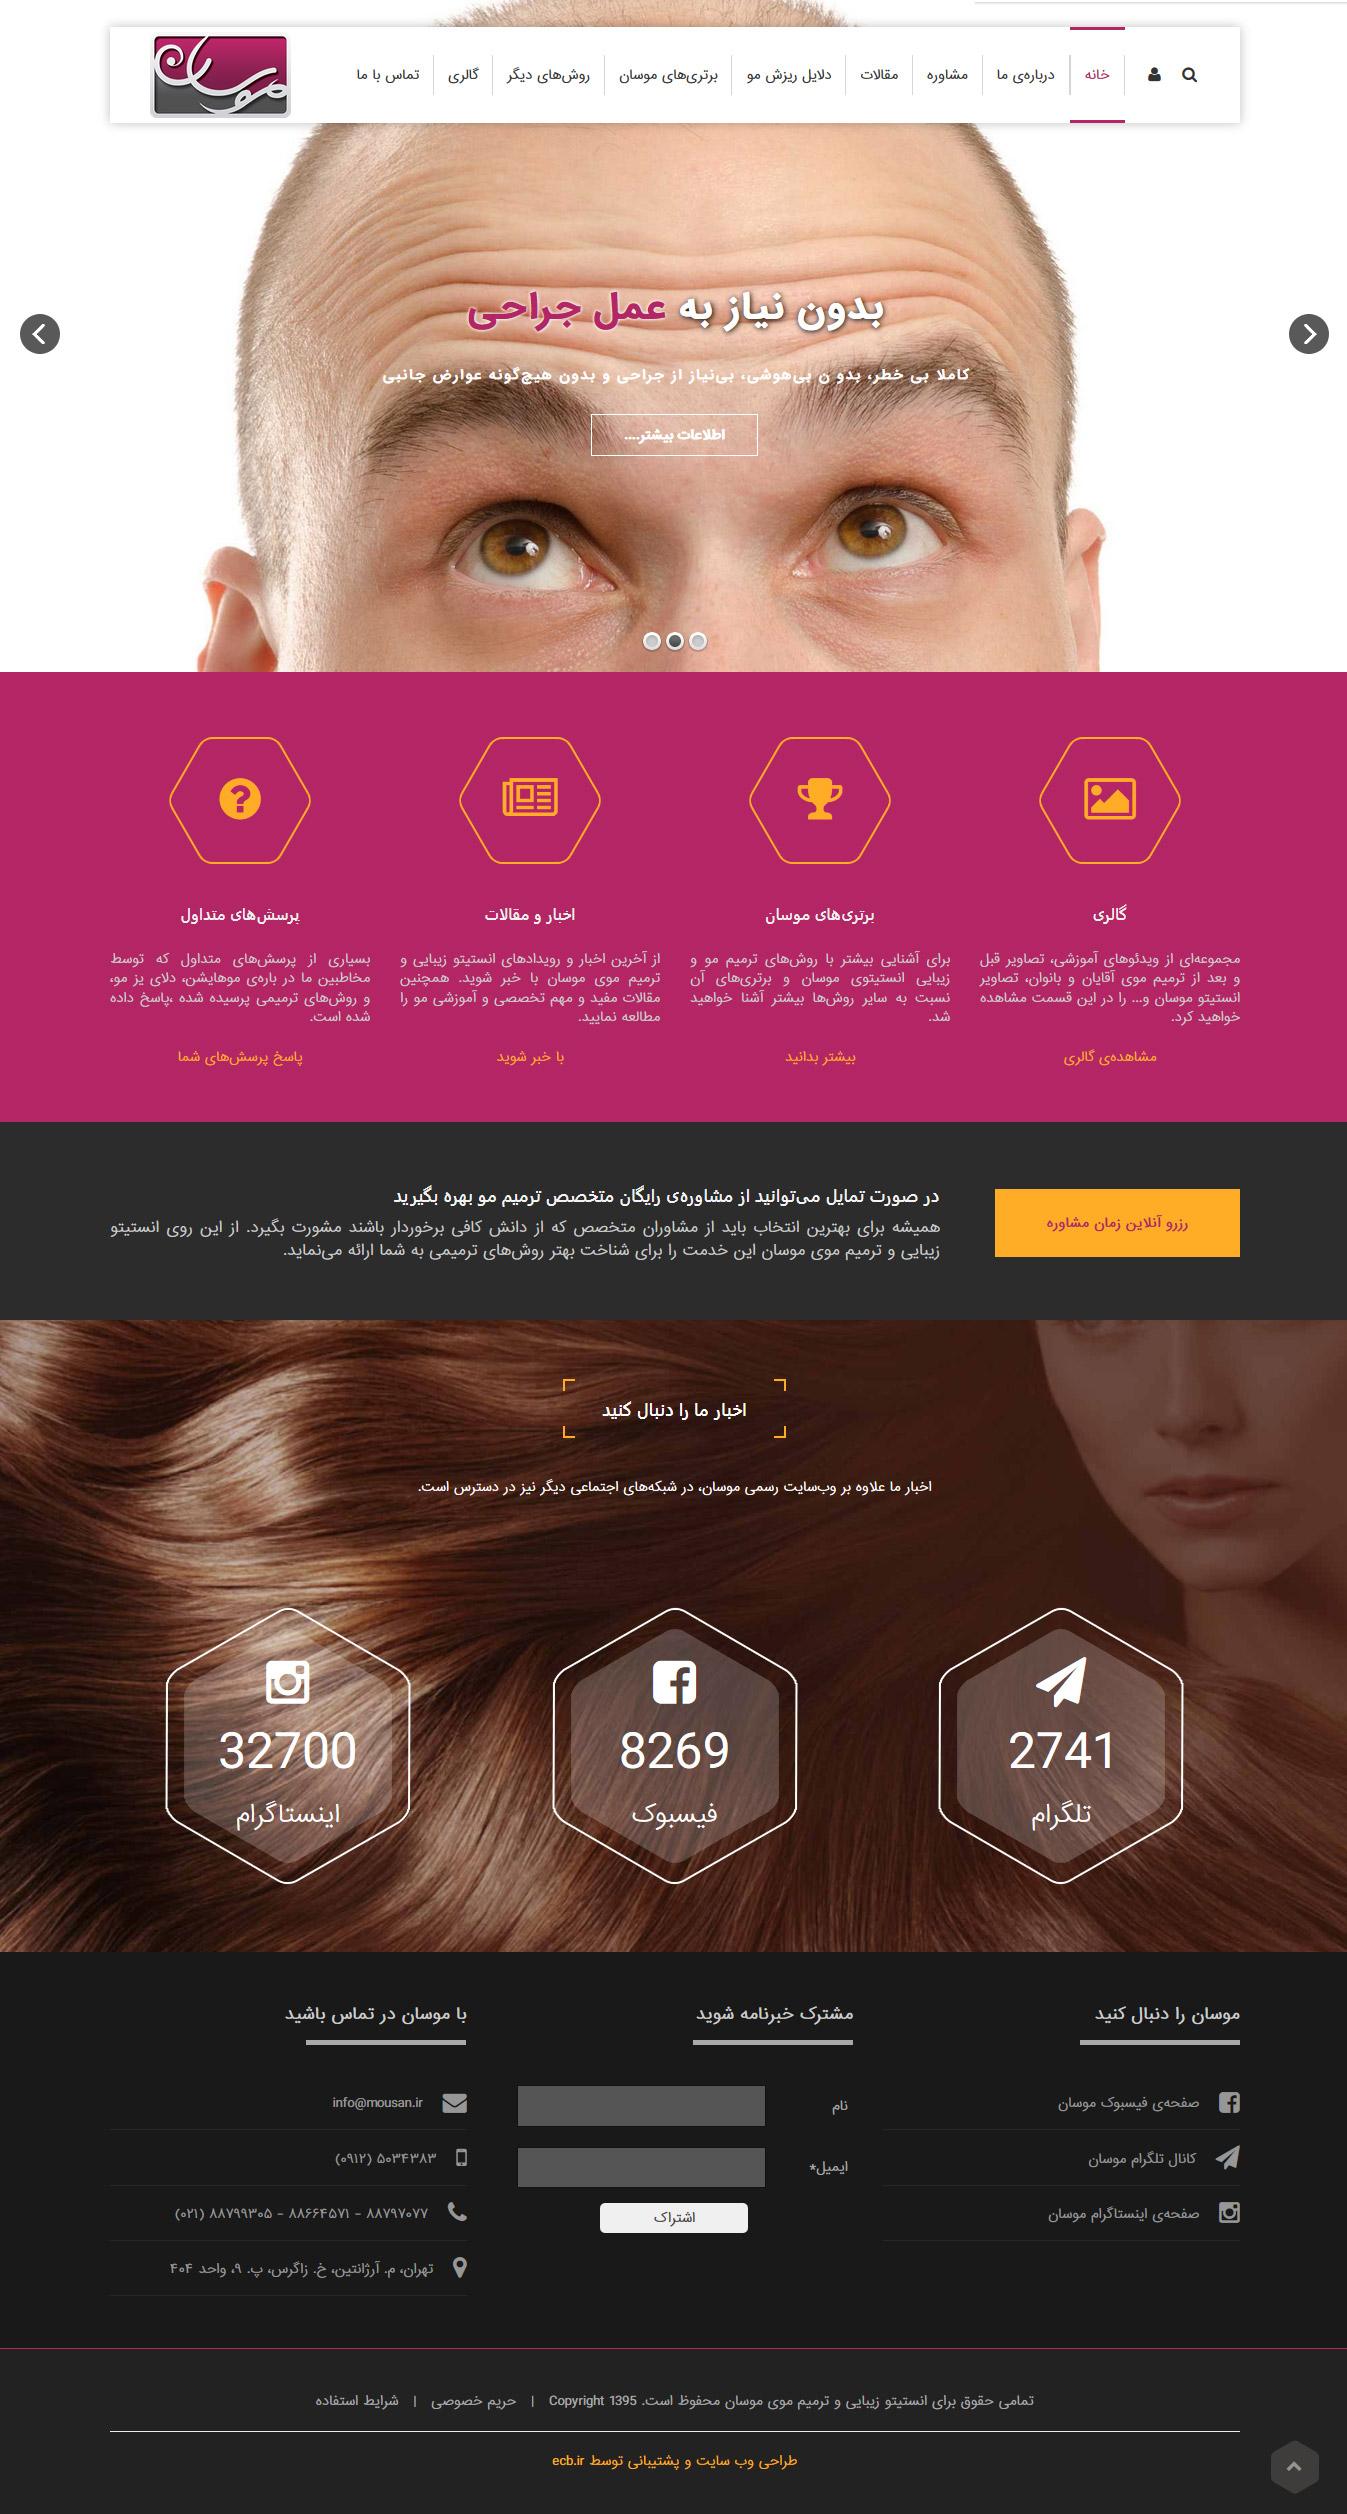 تصویری از صفحه نخست وبسایت انیستیتو زیبایی و ترمیم موی موسان